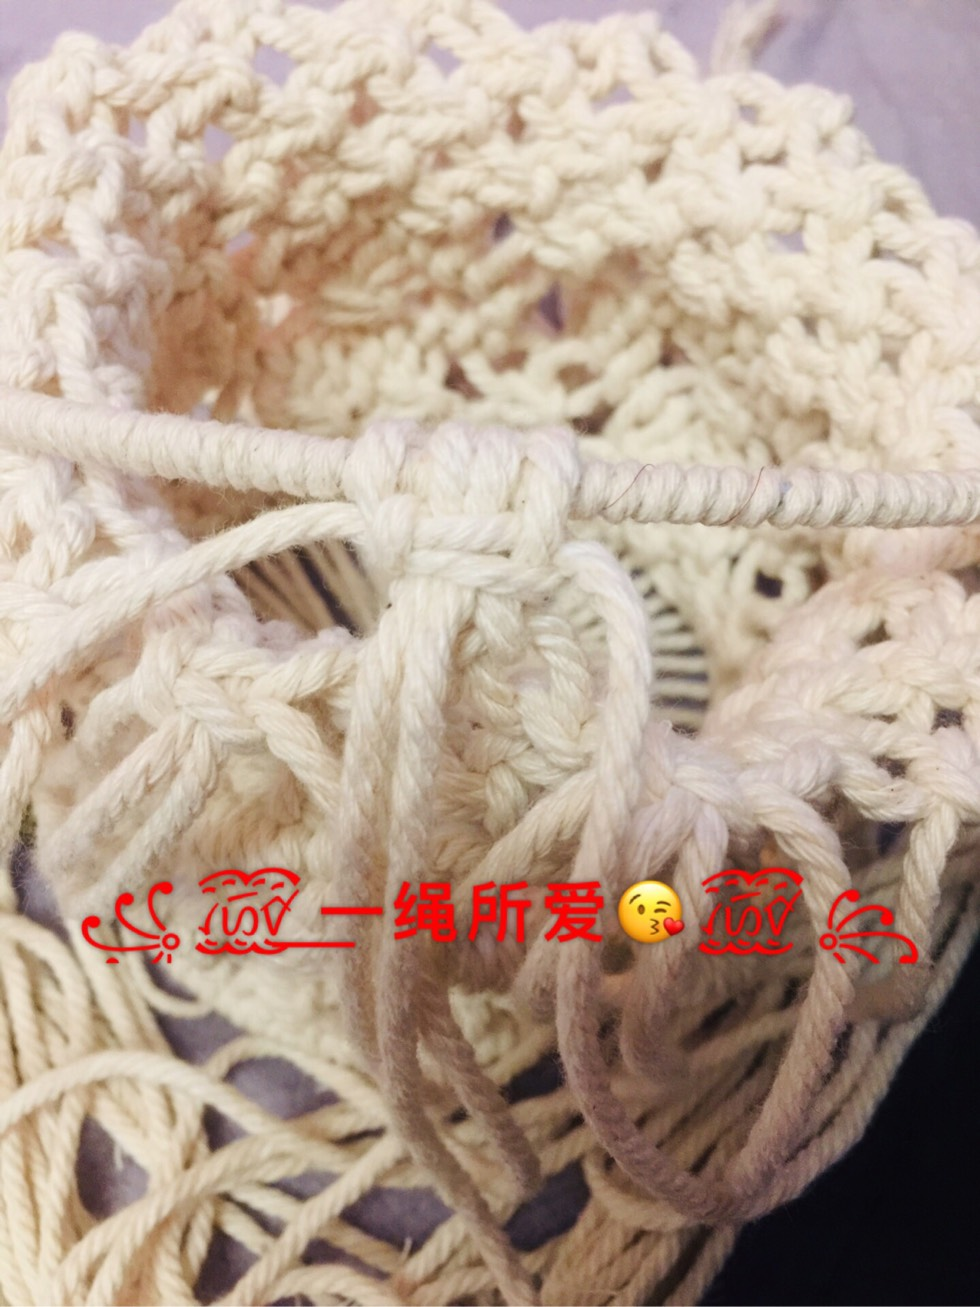 中国结论坛 原创·Macrame 收纳篮  立体绳结教程与交流区 143032sstjrnztp5gsrqjt